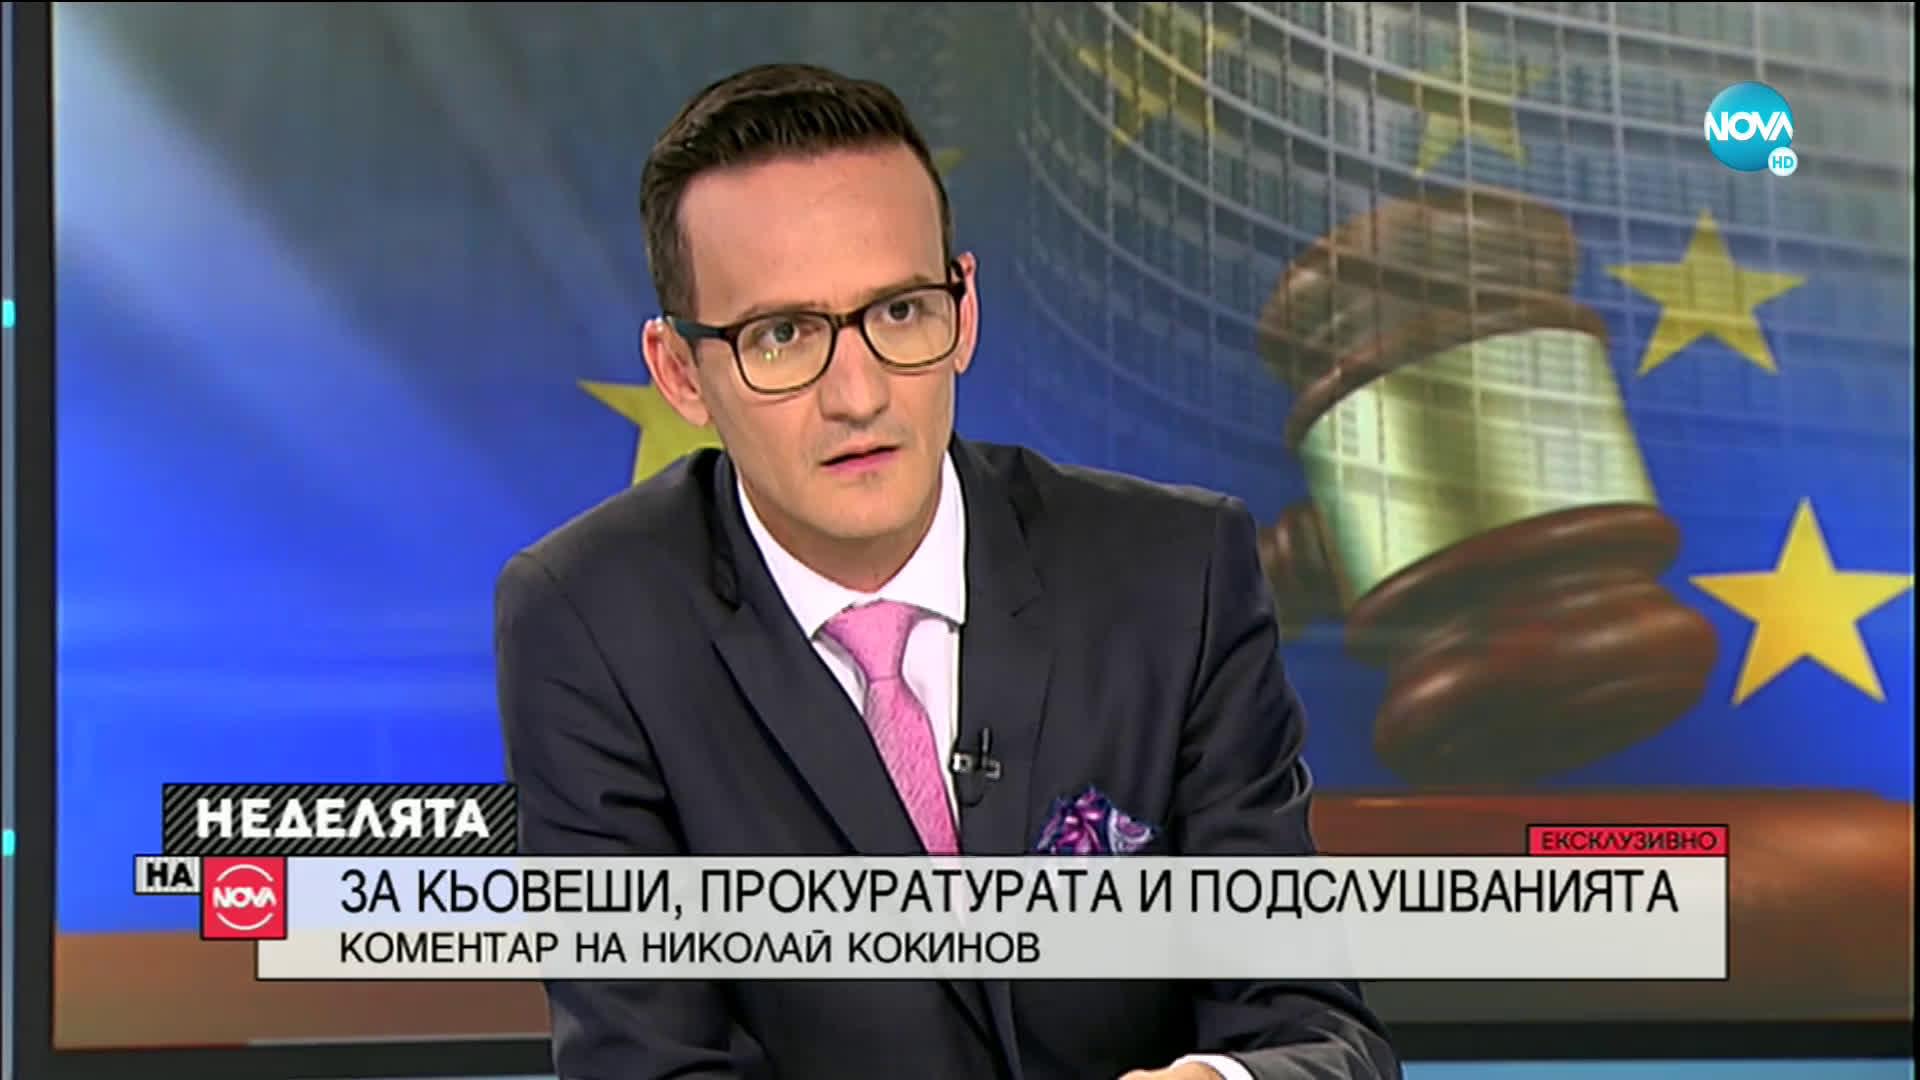 """Николай Кокинов: Санкциите по закона """"Магнитски"""" са политически шамар"""